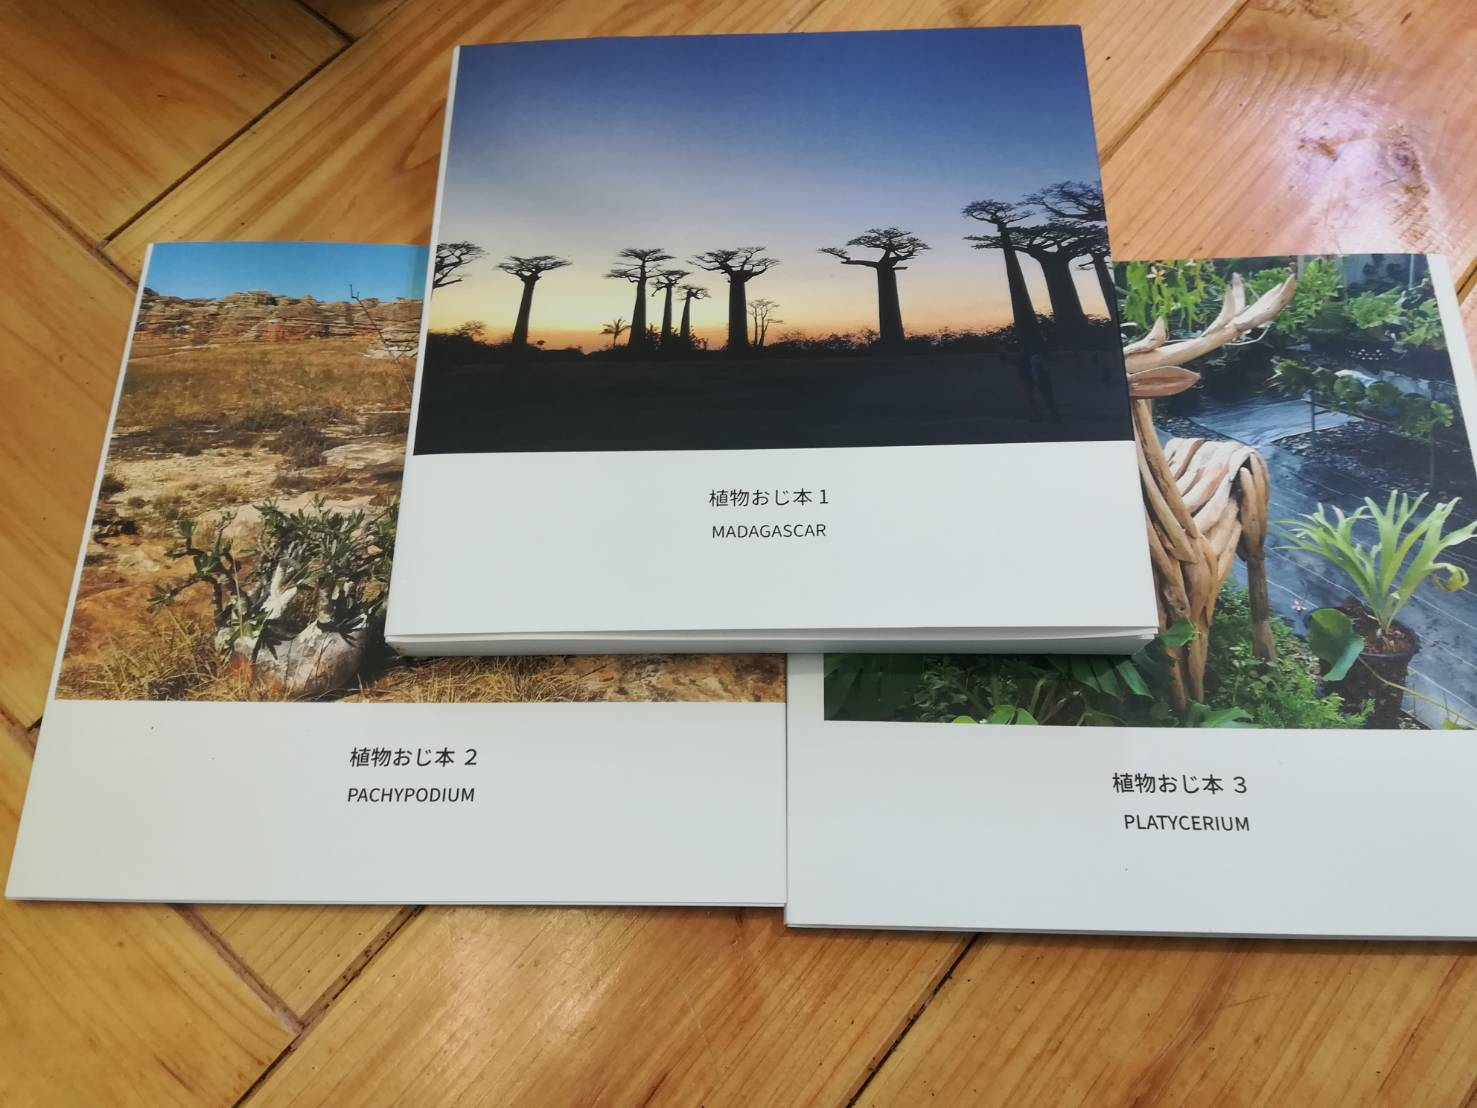 植物系インスタグラマー「植物おじさん」の自生地写真集に感動。